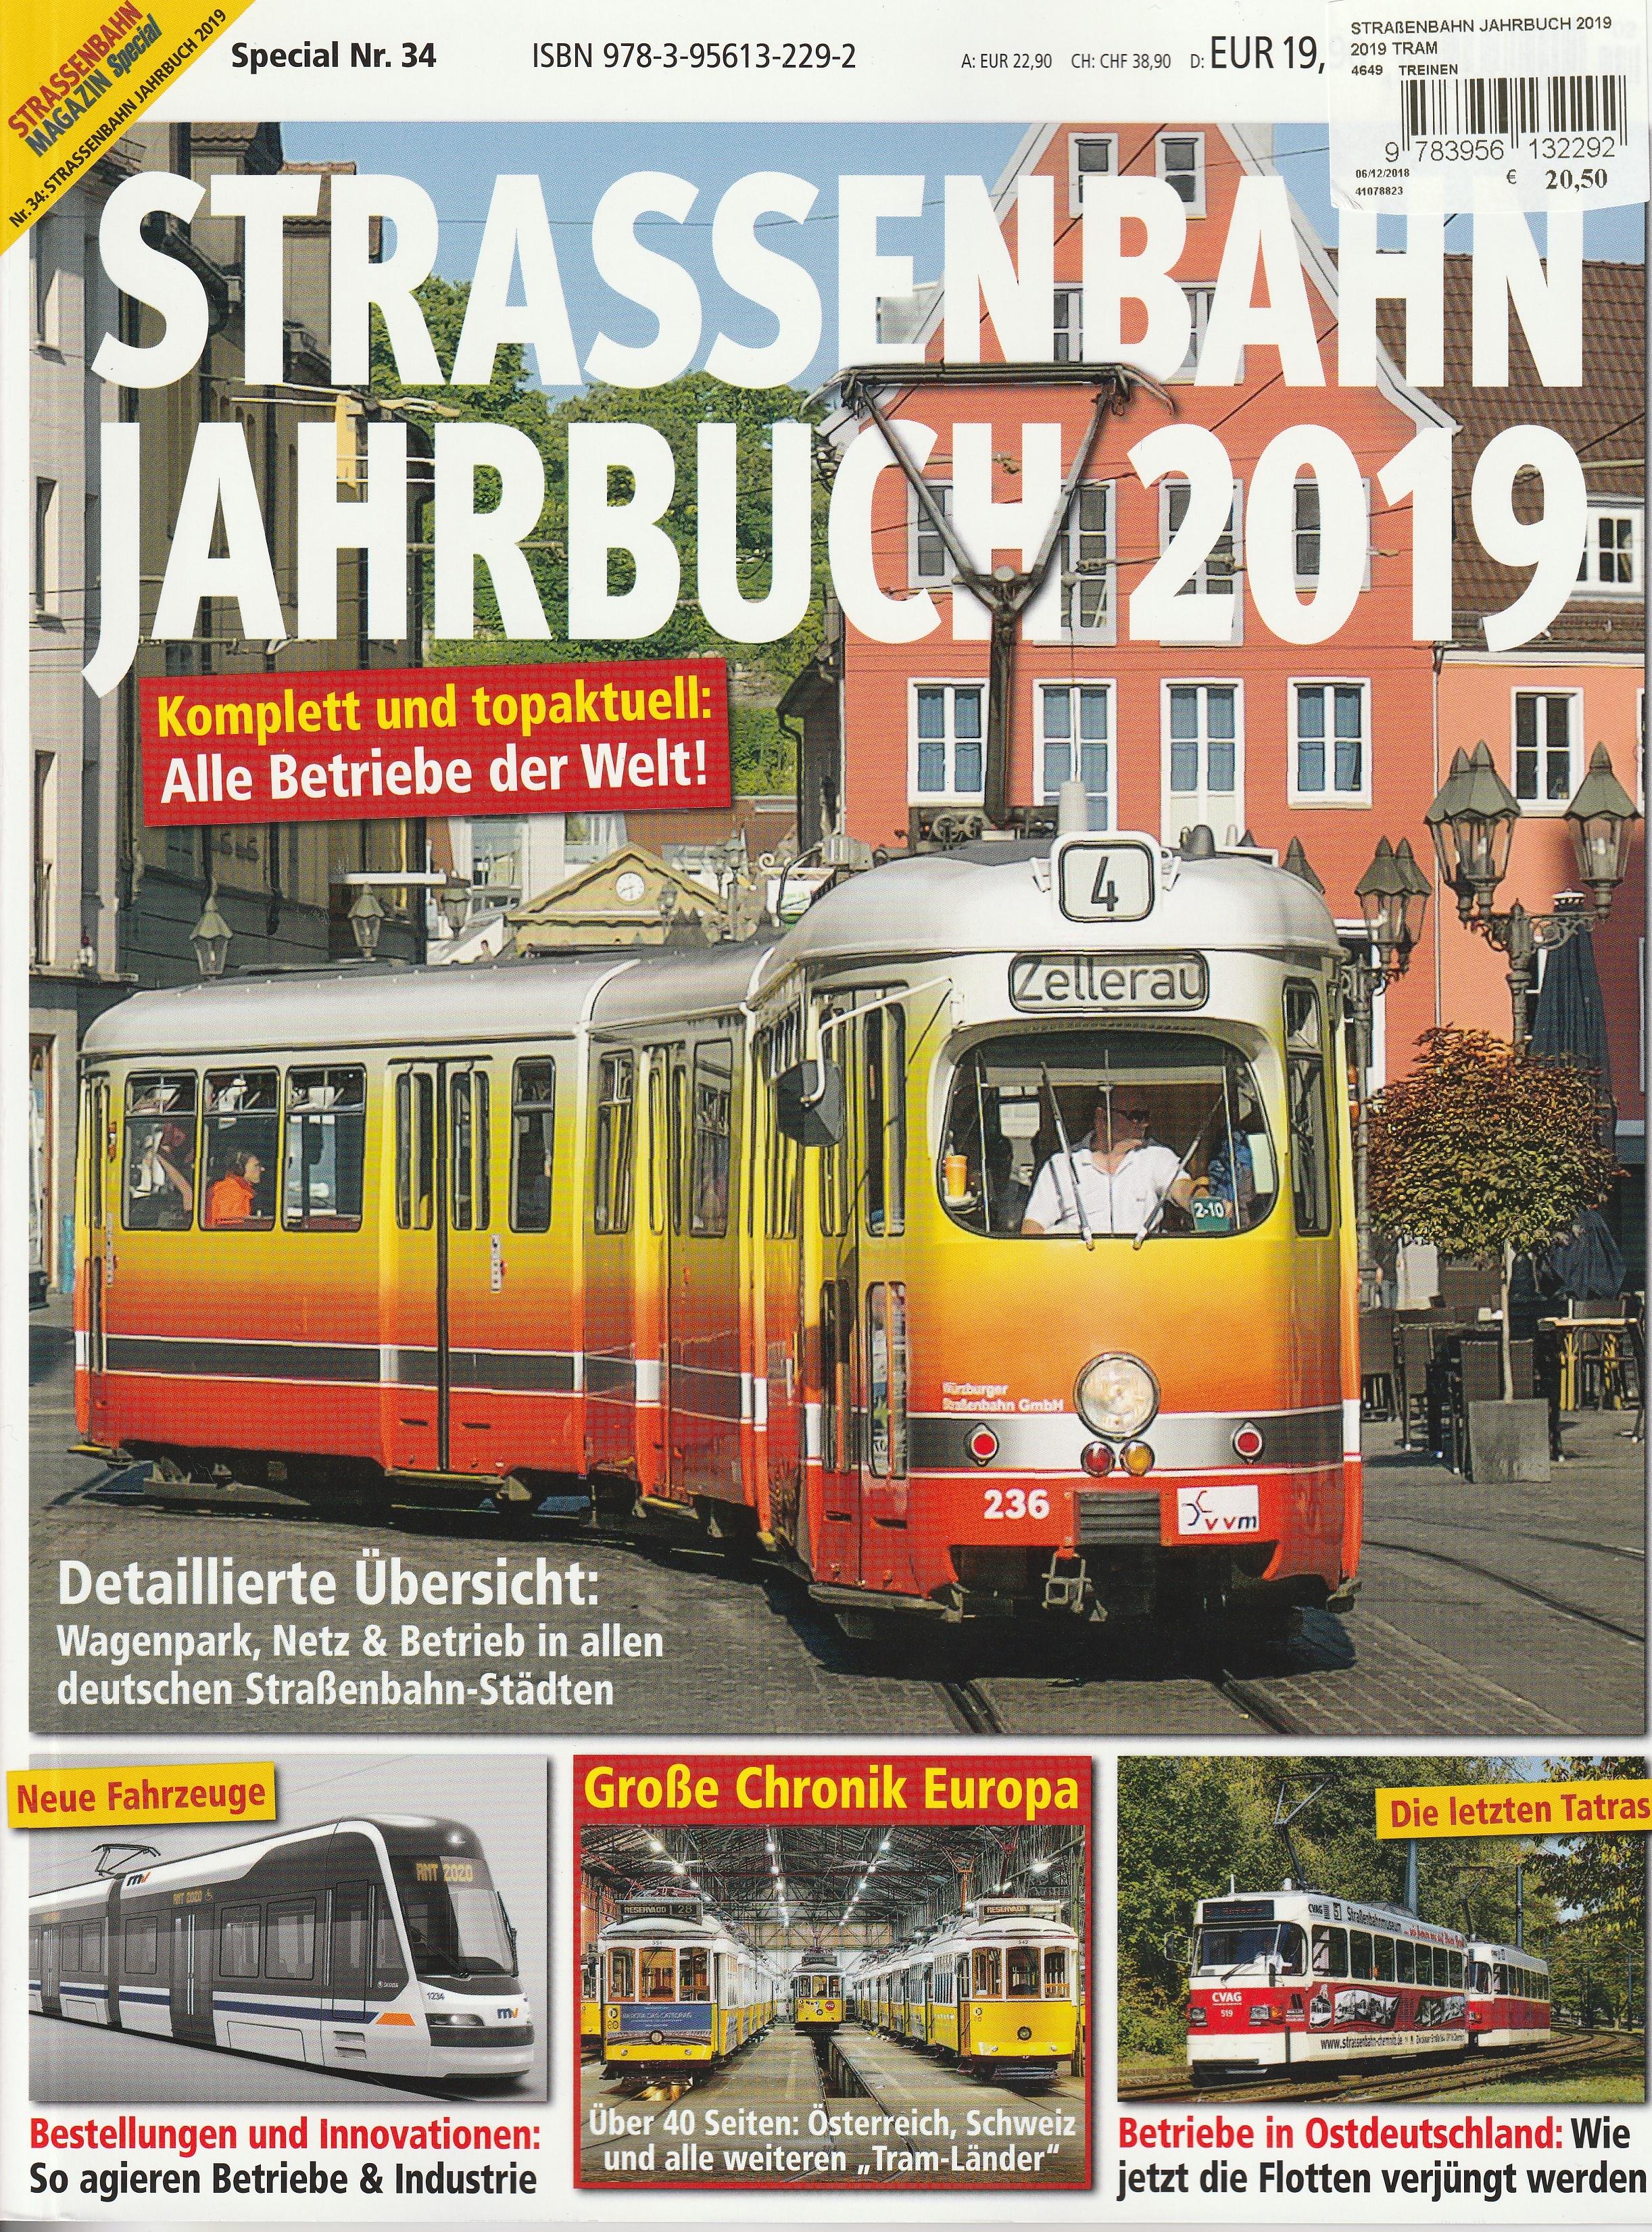 Strassenbahn Jahrbuch 2019